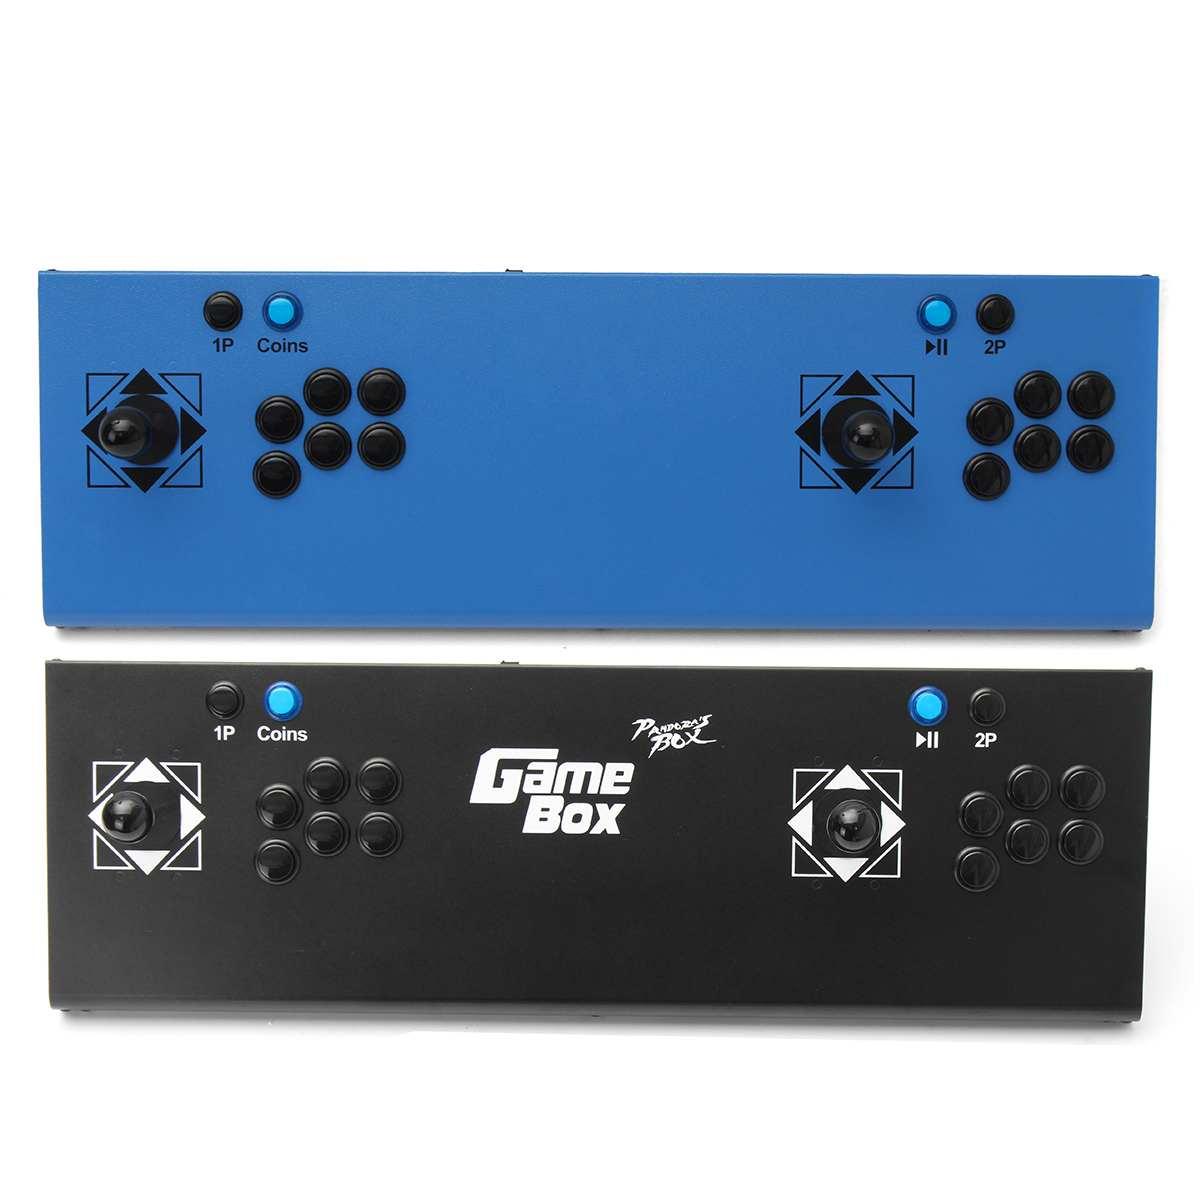 [해외]815 in 1 box 4 s 비디오 게임 아케이드 콘솔 머신 더블 스틱 선물 2 플레이어 컨트롤 usb 조이스틱 블루 블랙/815 in 1 box 4 s 비디오 게임 아케이드 콘솔 머신 더블 스틱 선물 2 플레이어 컨트롤 usb 조이스틱 블루